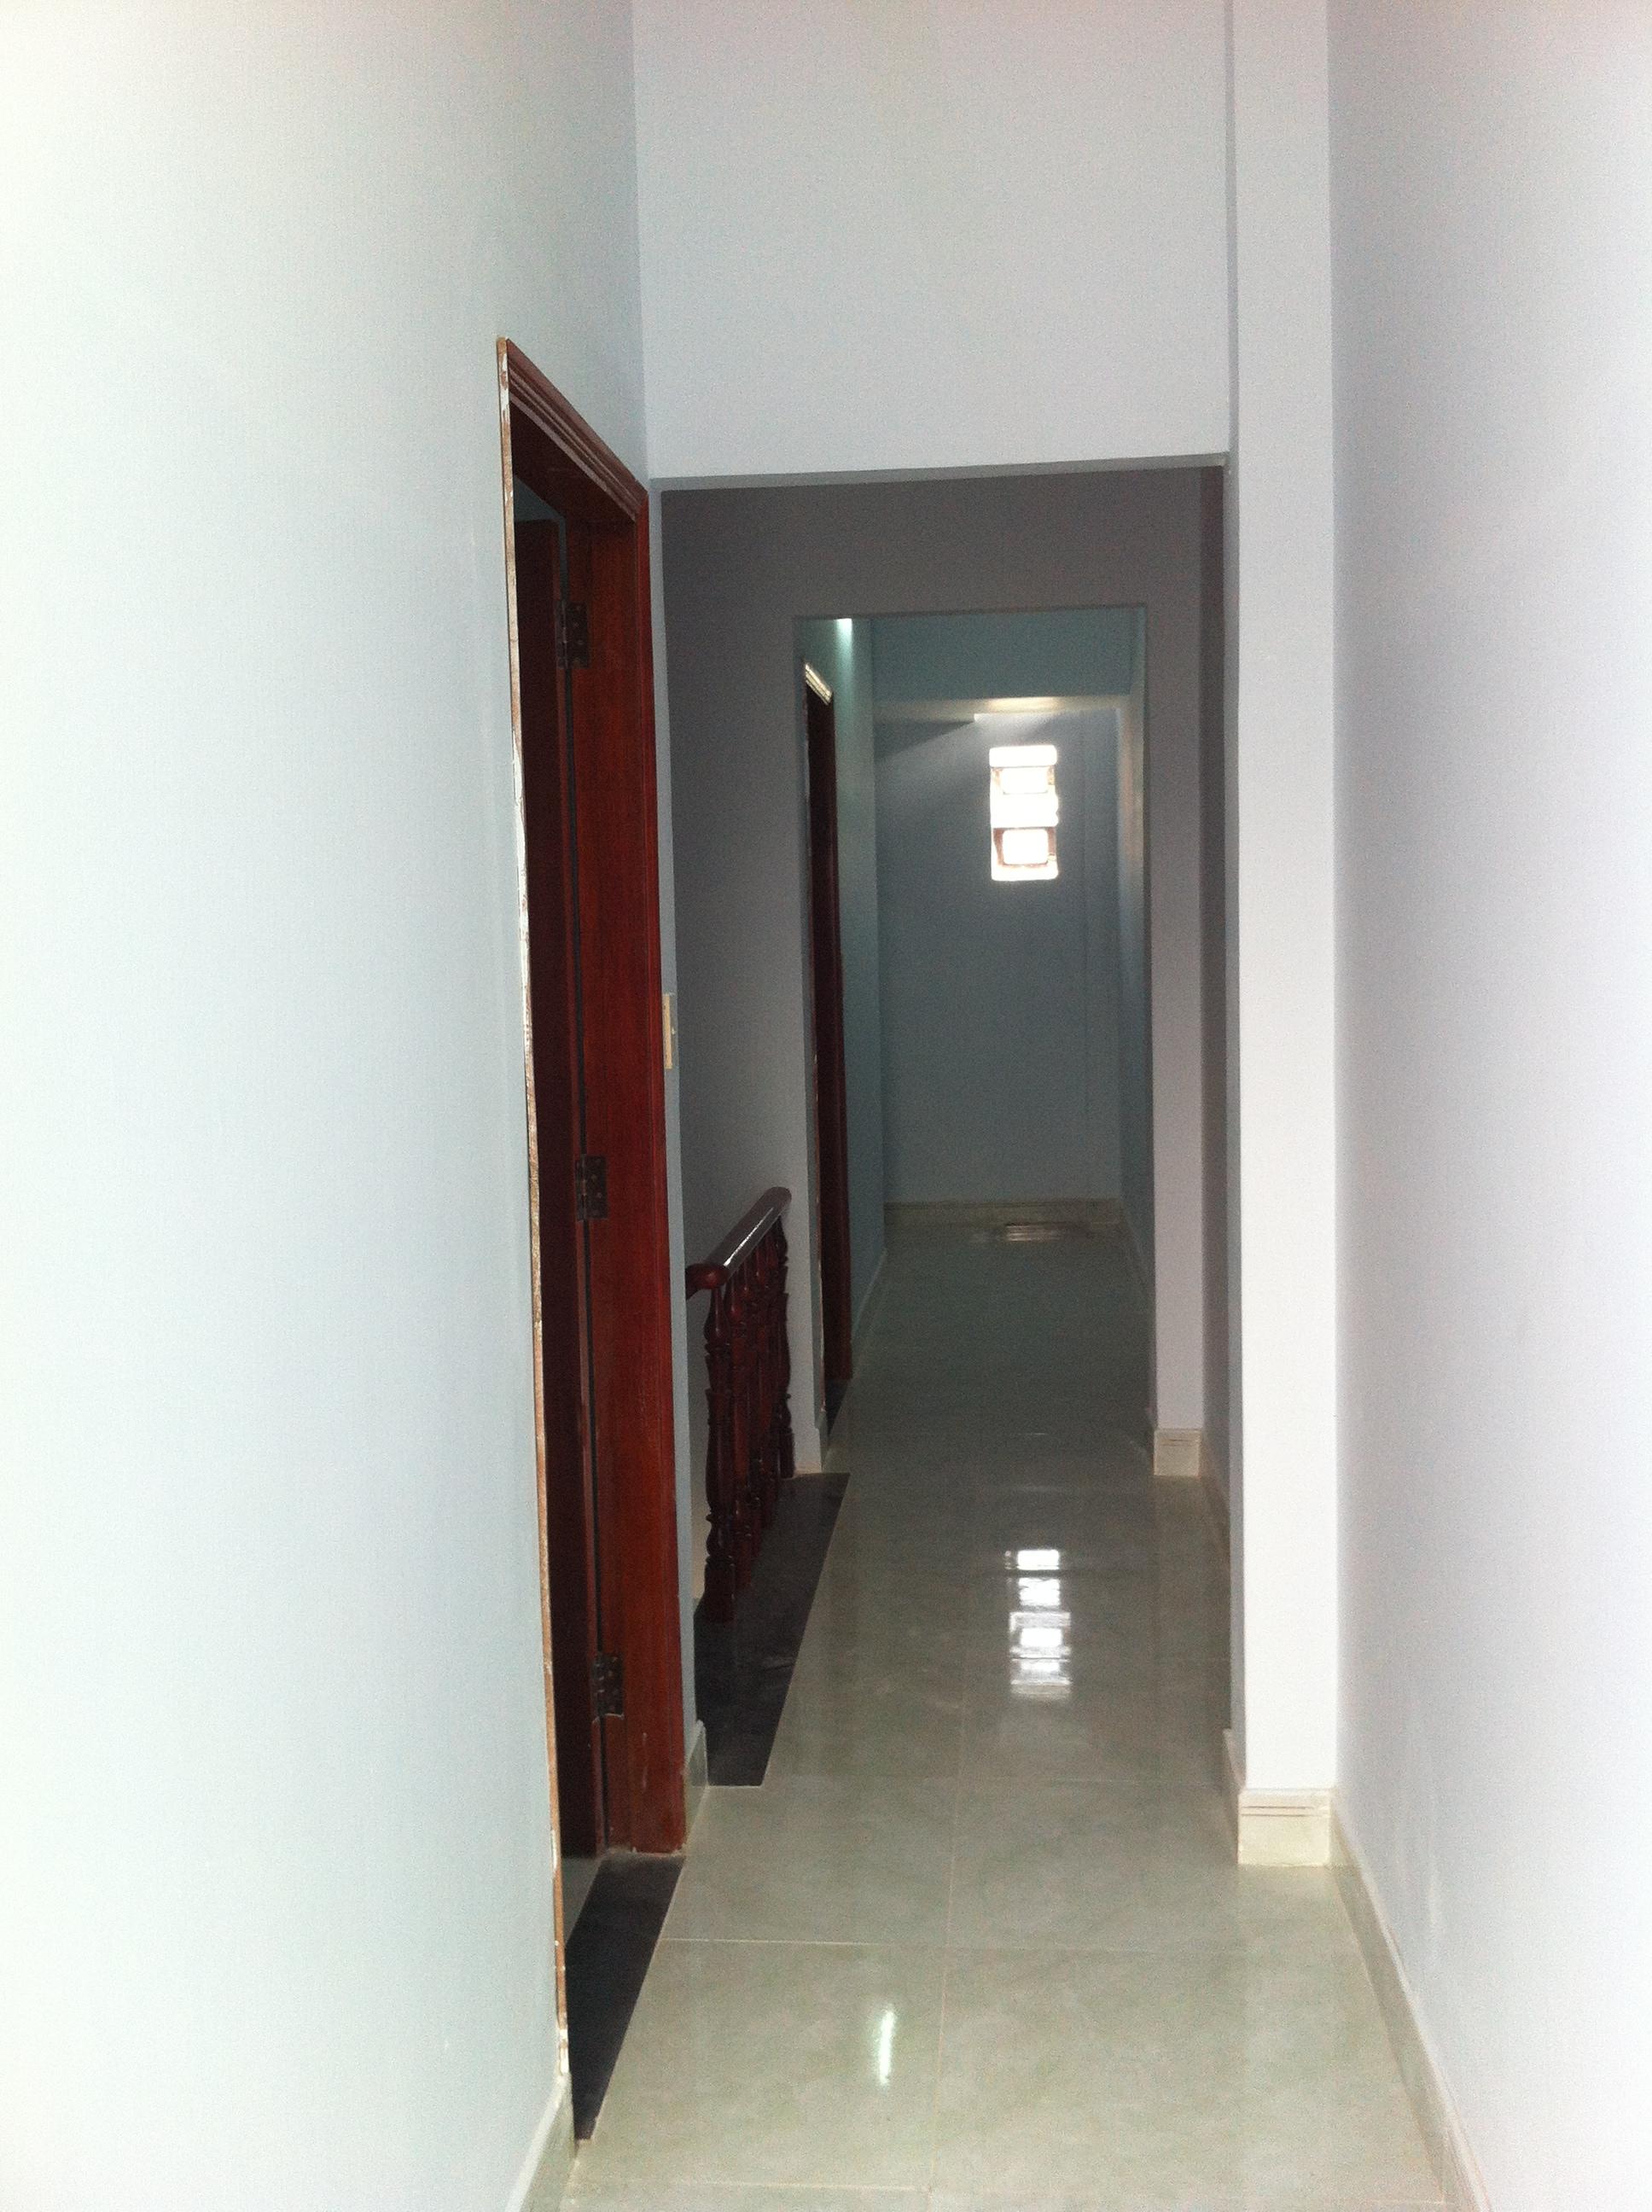 lầu 1 Nhà cần bán nằm ngay cổng sau KCN Visip , KCN Vietnam singapore. KCN sóng thần 1,2 thị xã dĩ an